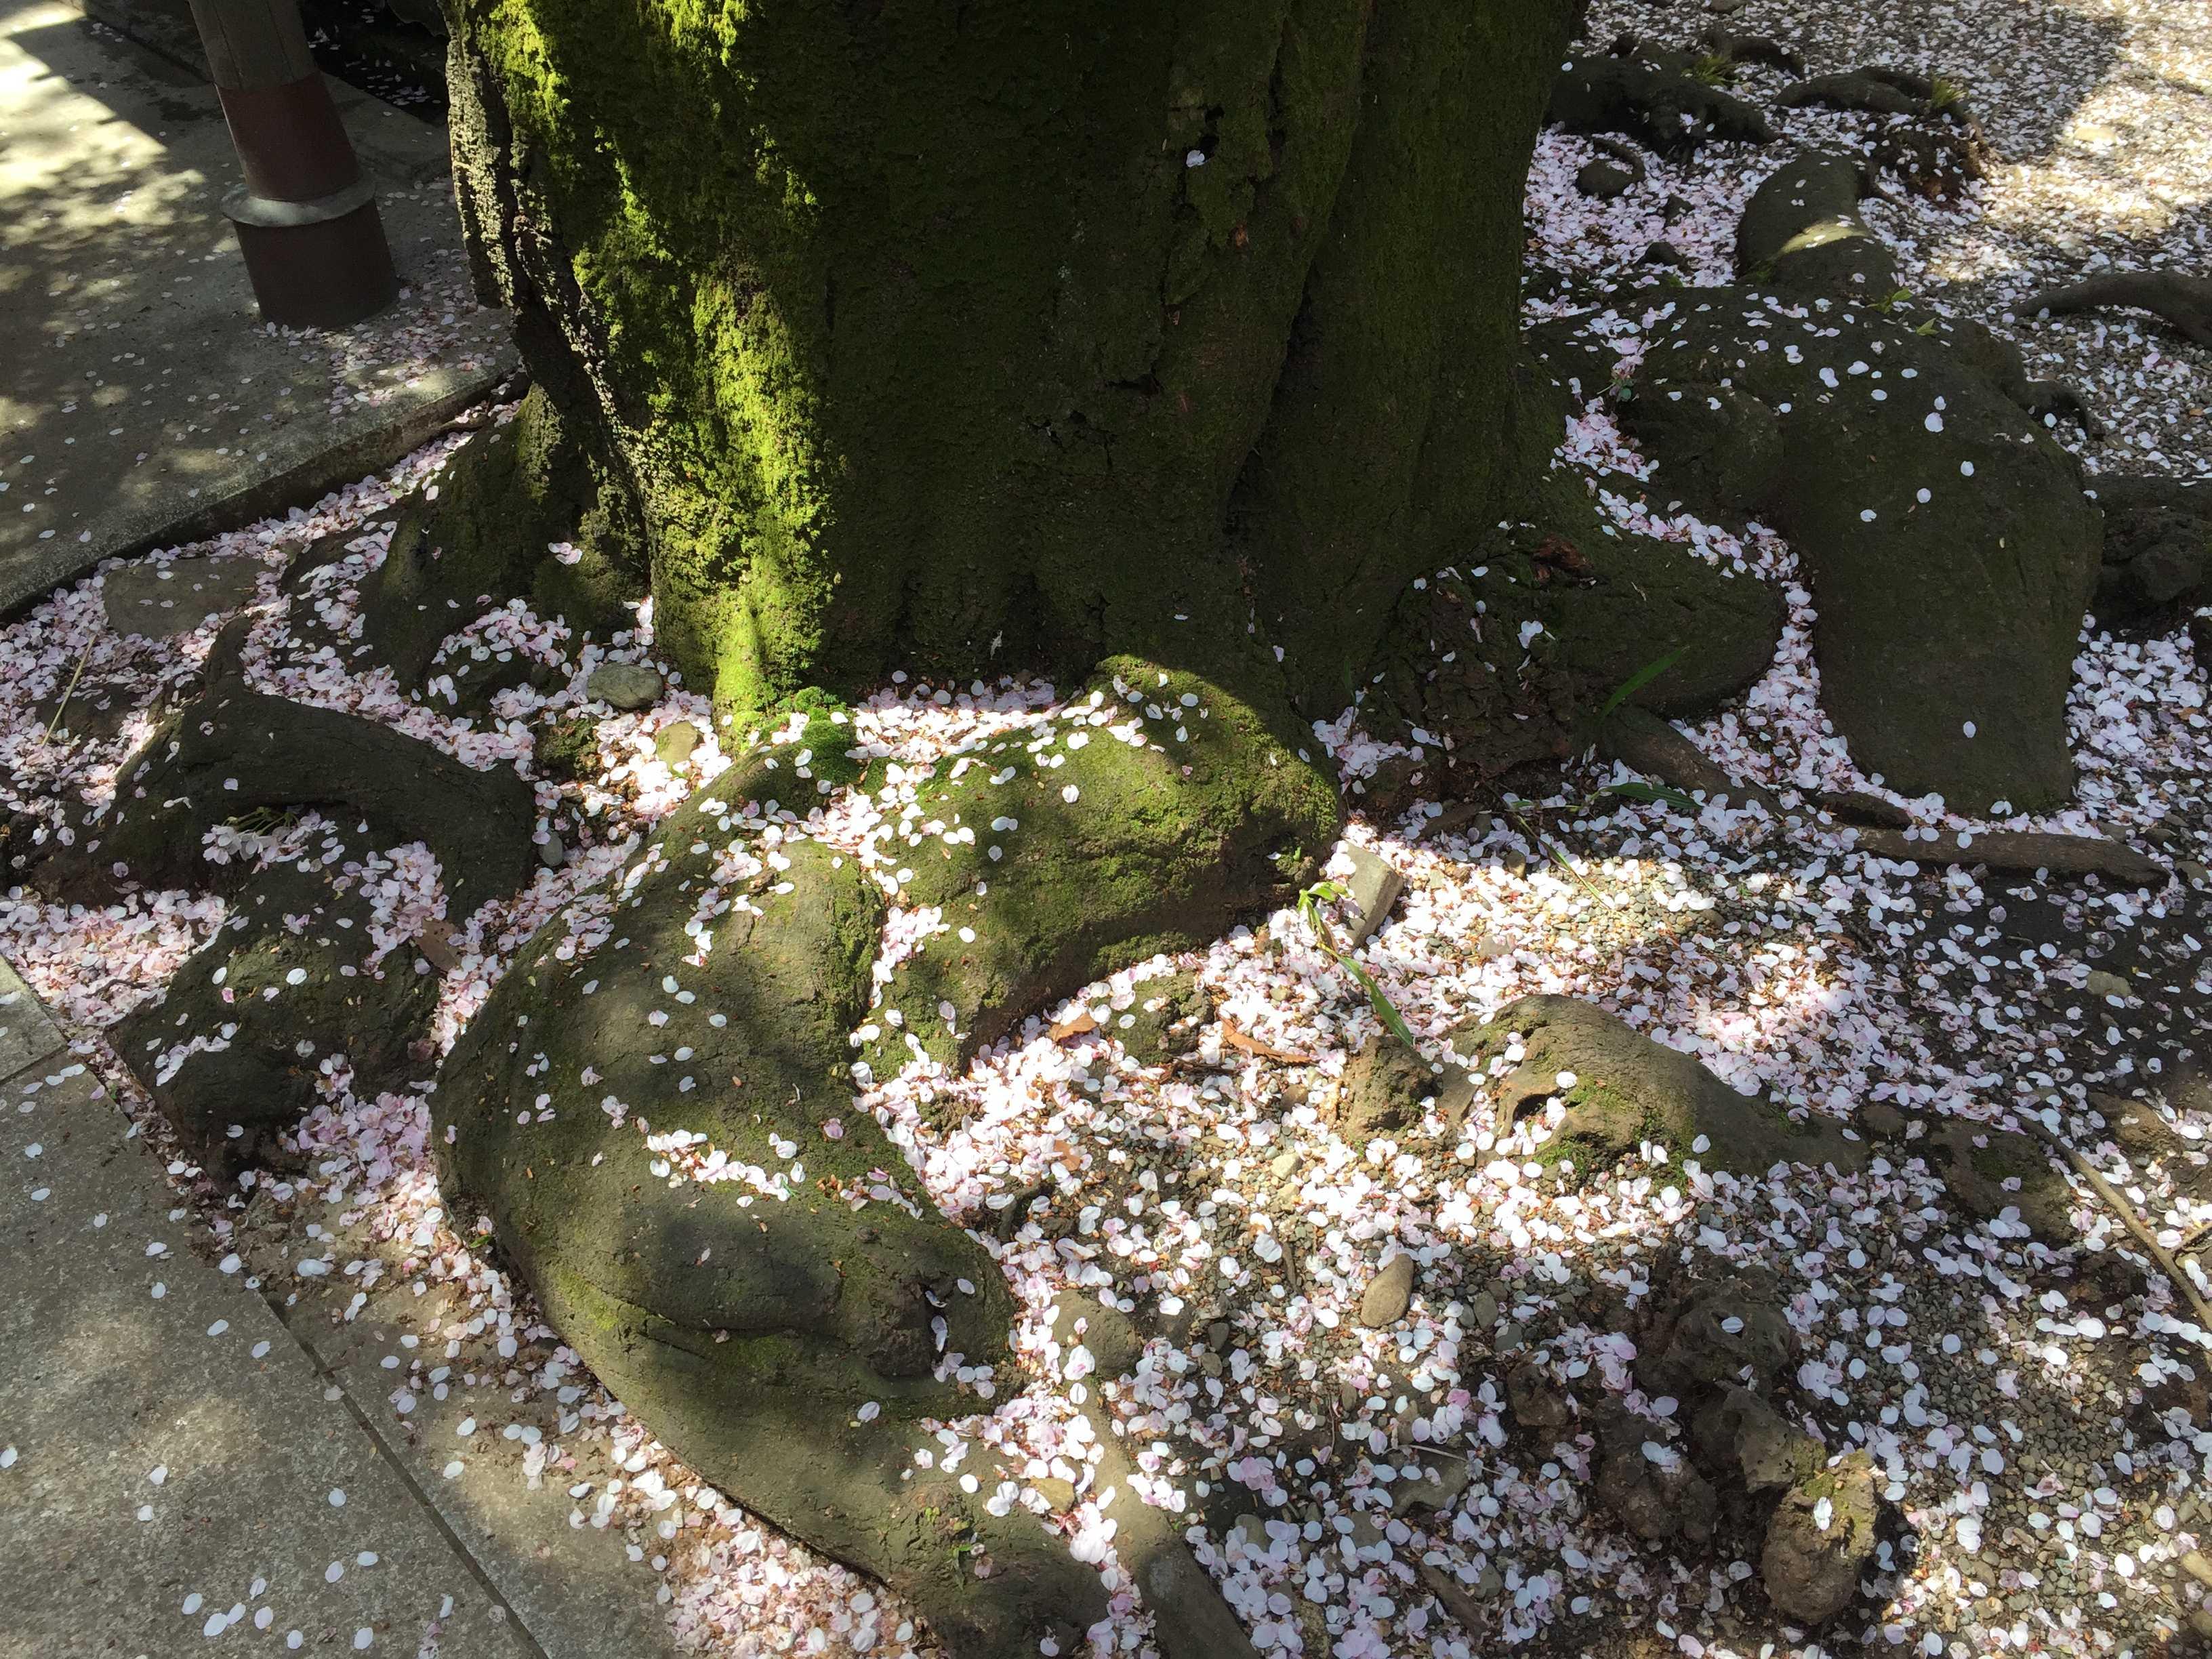 子安神社(東京・八王子)の桜の木の下(根元)